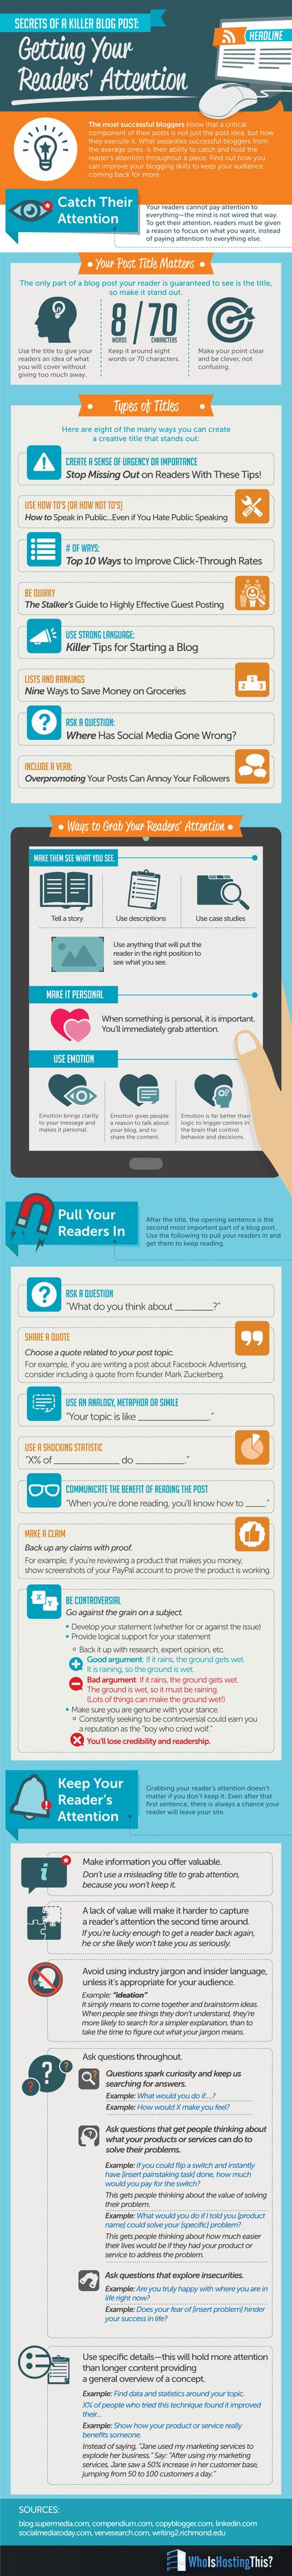 [Infographic] The Secrets of a Killer Blog Post | Brand content & marketing et usages numériques | Scoop.it